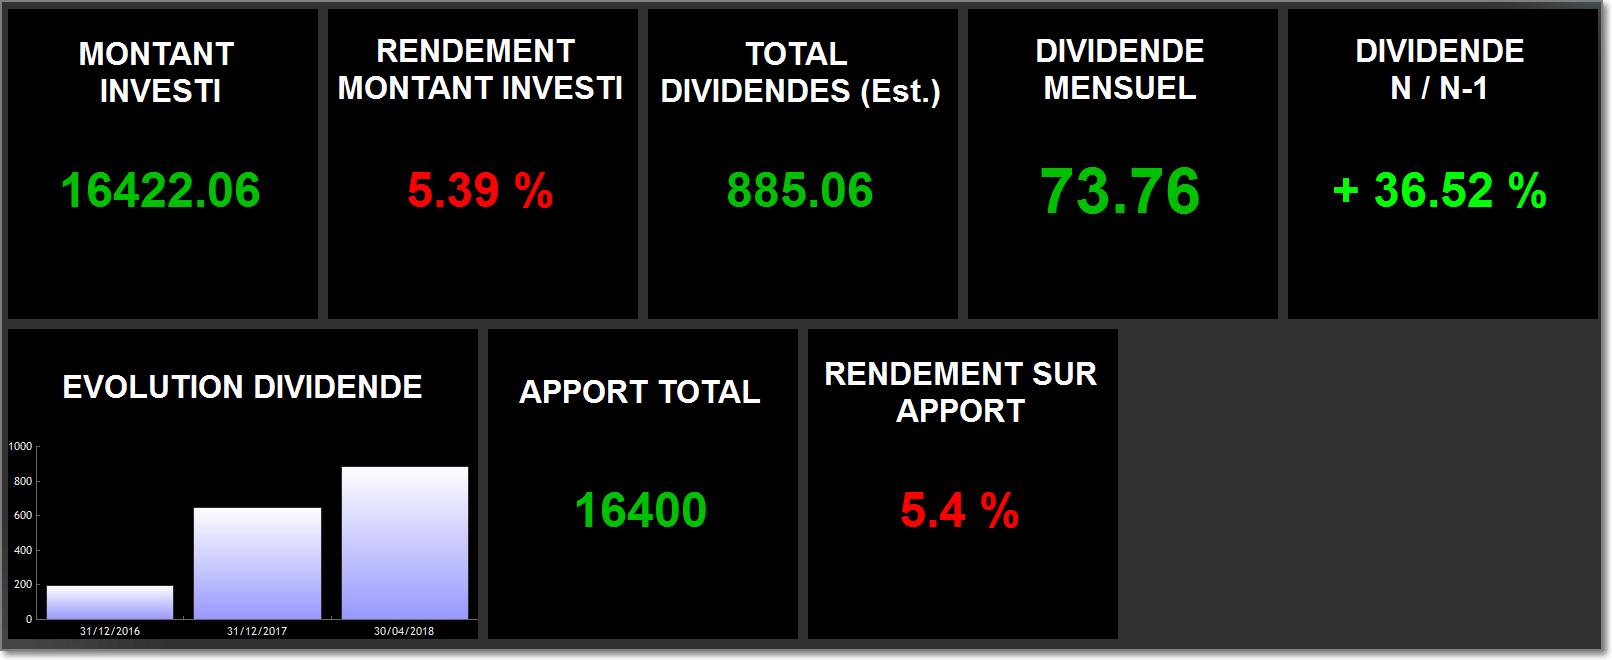 http://www.aristocrates-du-dividende.fr/wp-content/uploads/2018/04/Image135.png